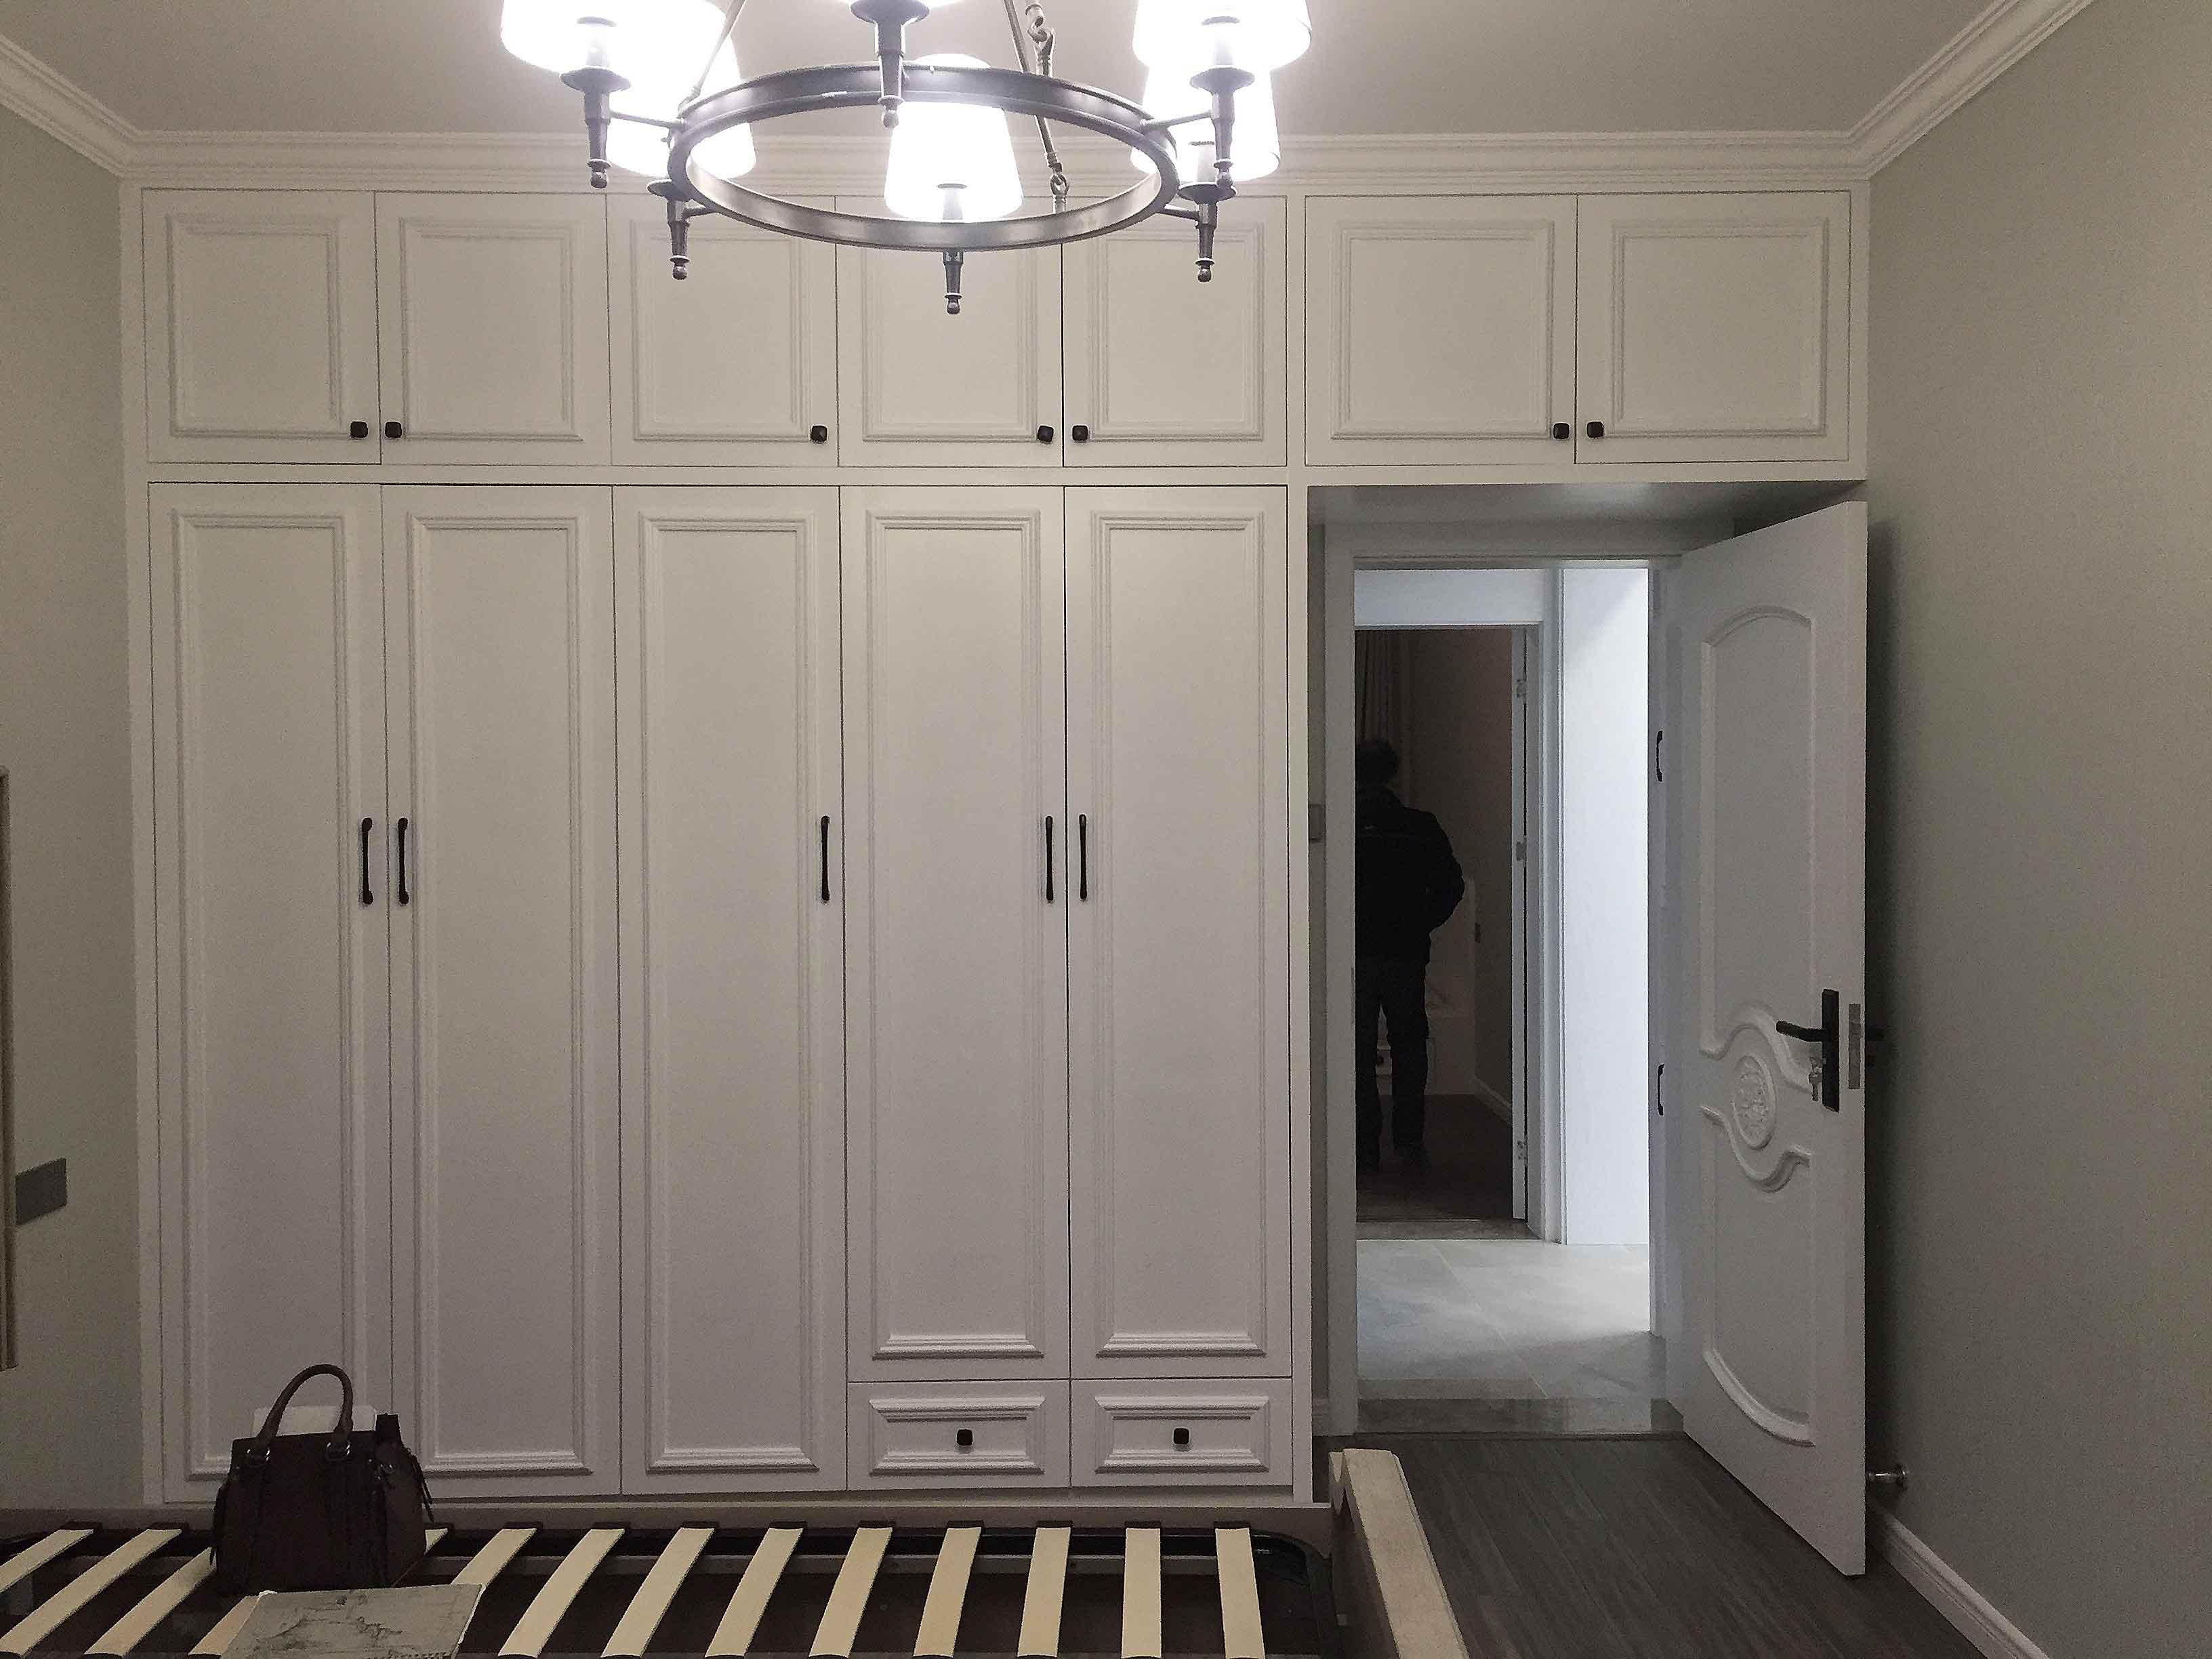 美式温馨家装修衣柜图片